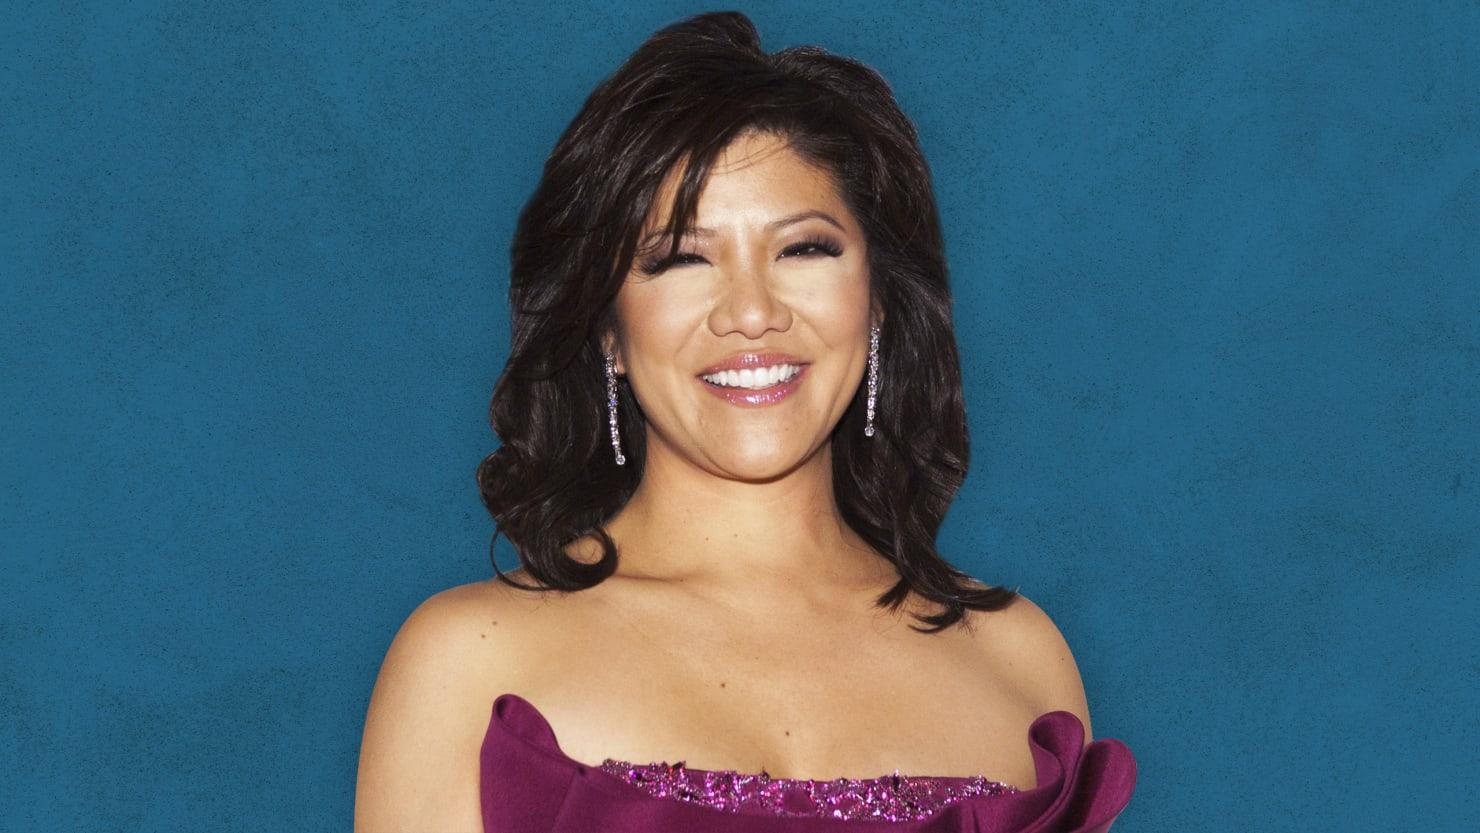 Julie Chen Body